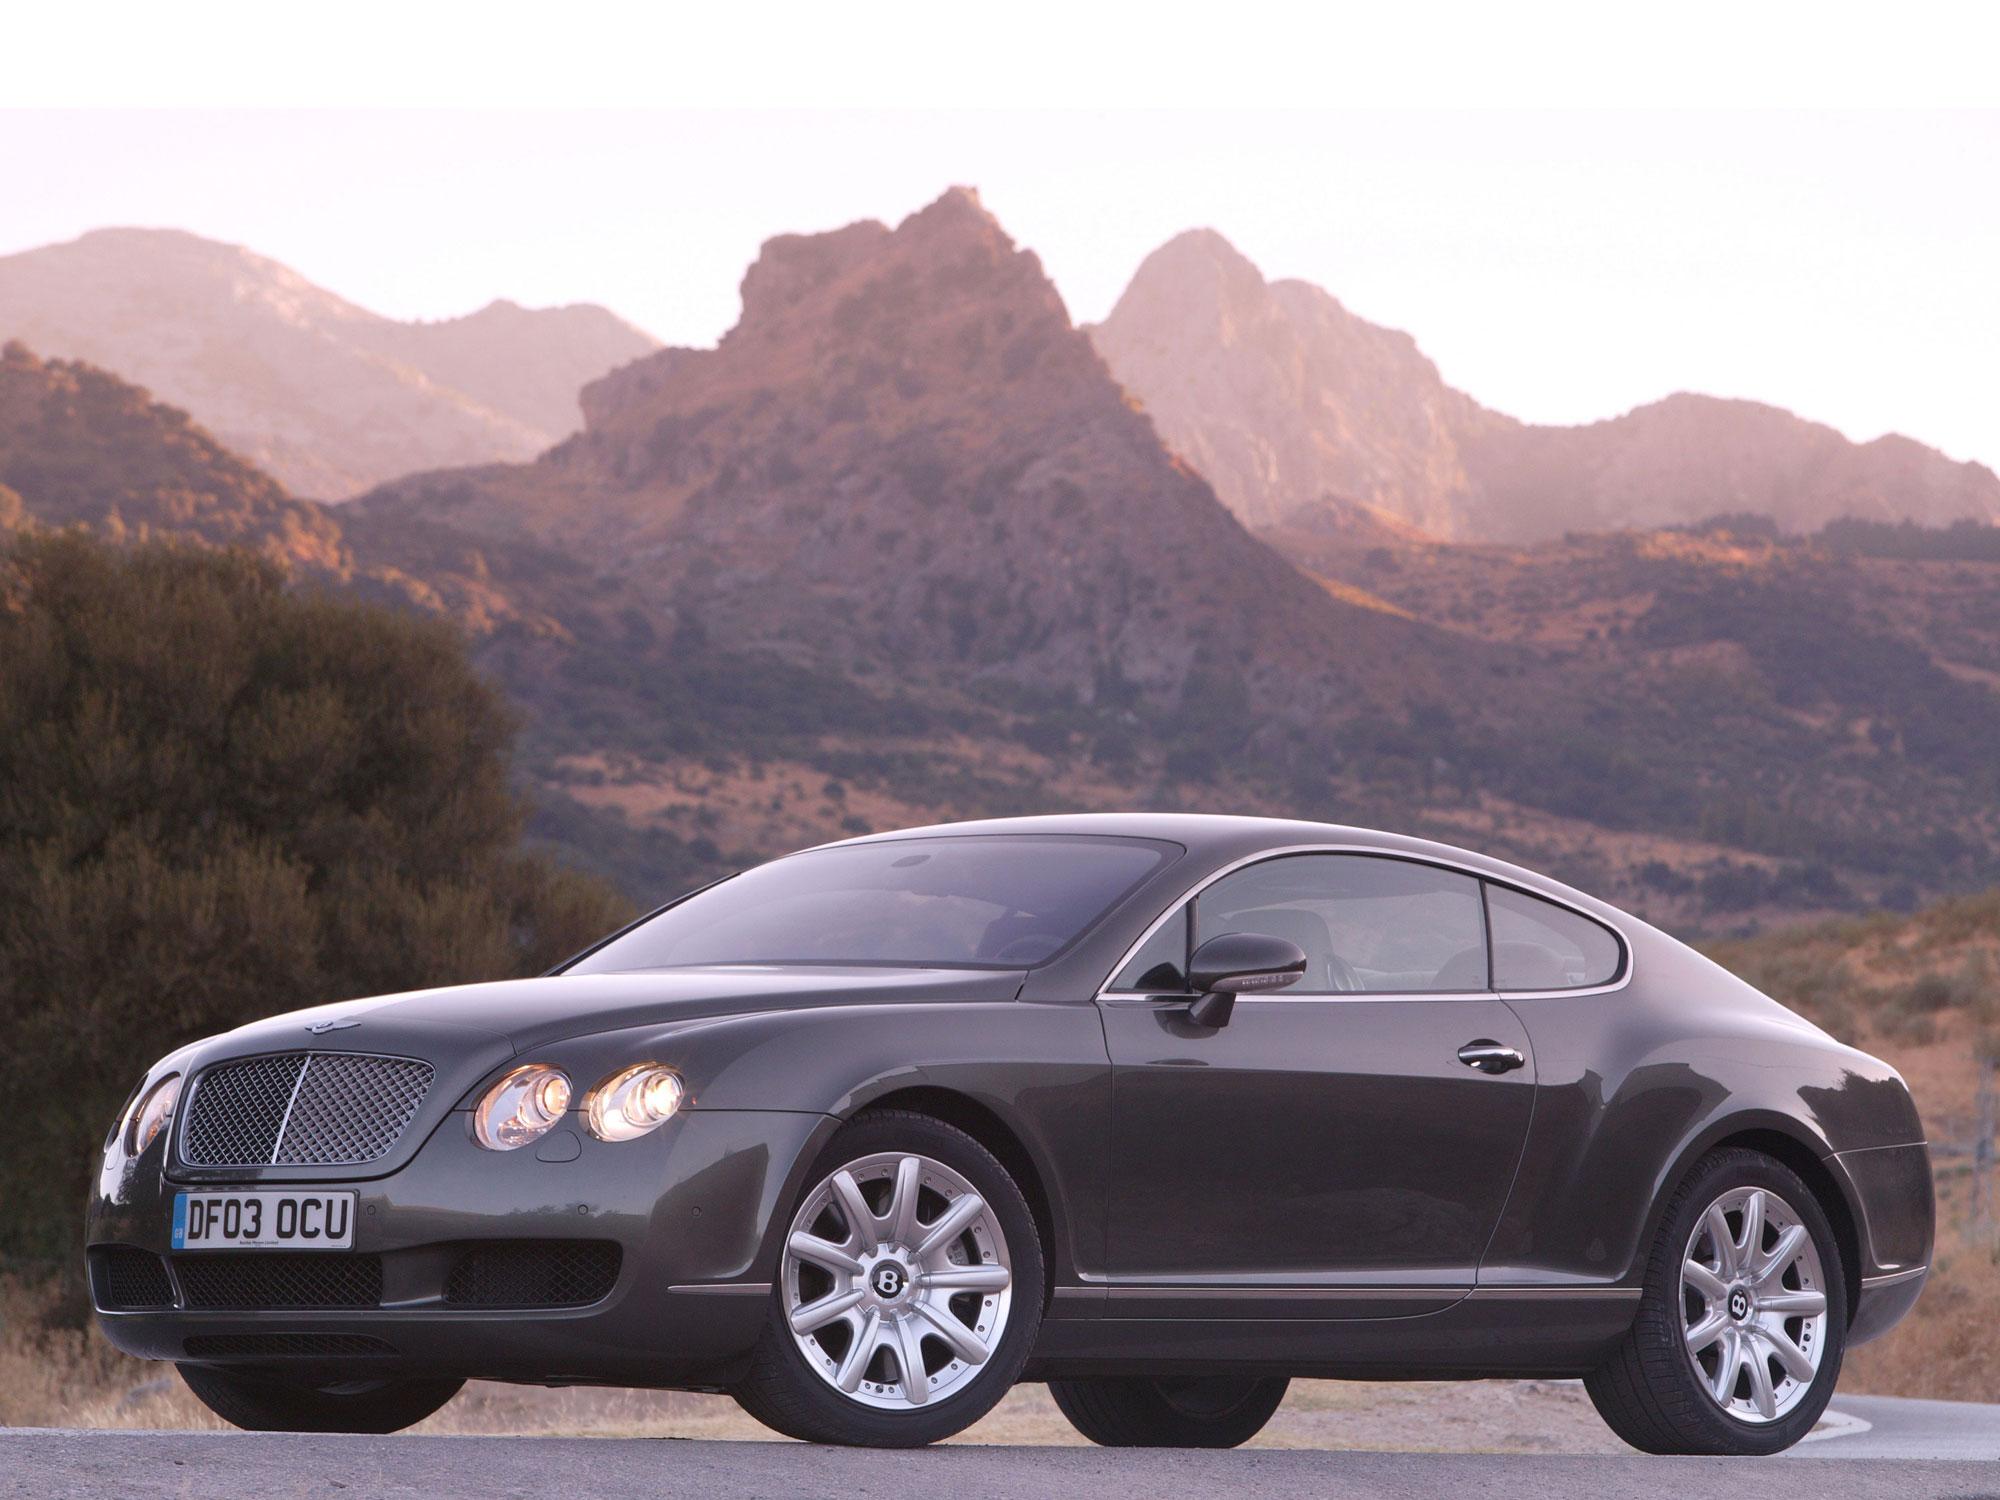 Bentley-Continental-GT-11.jpg